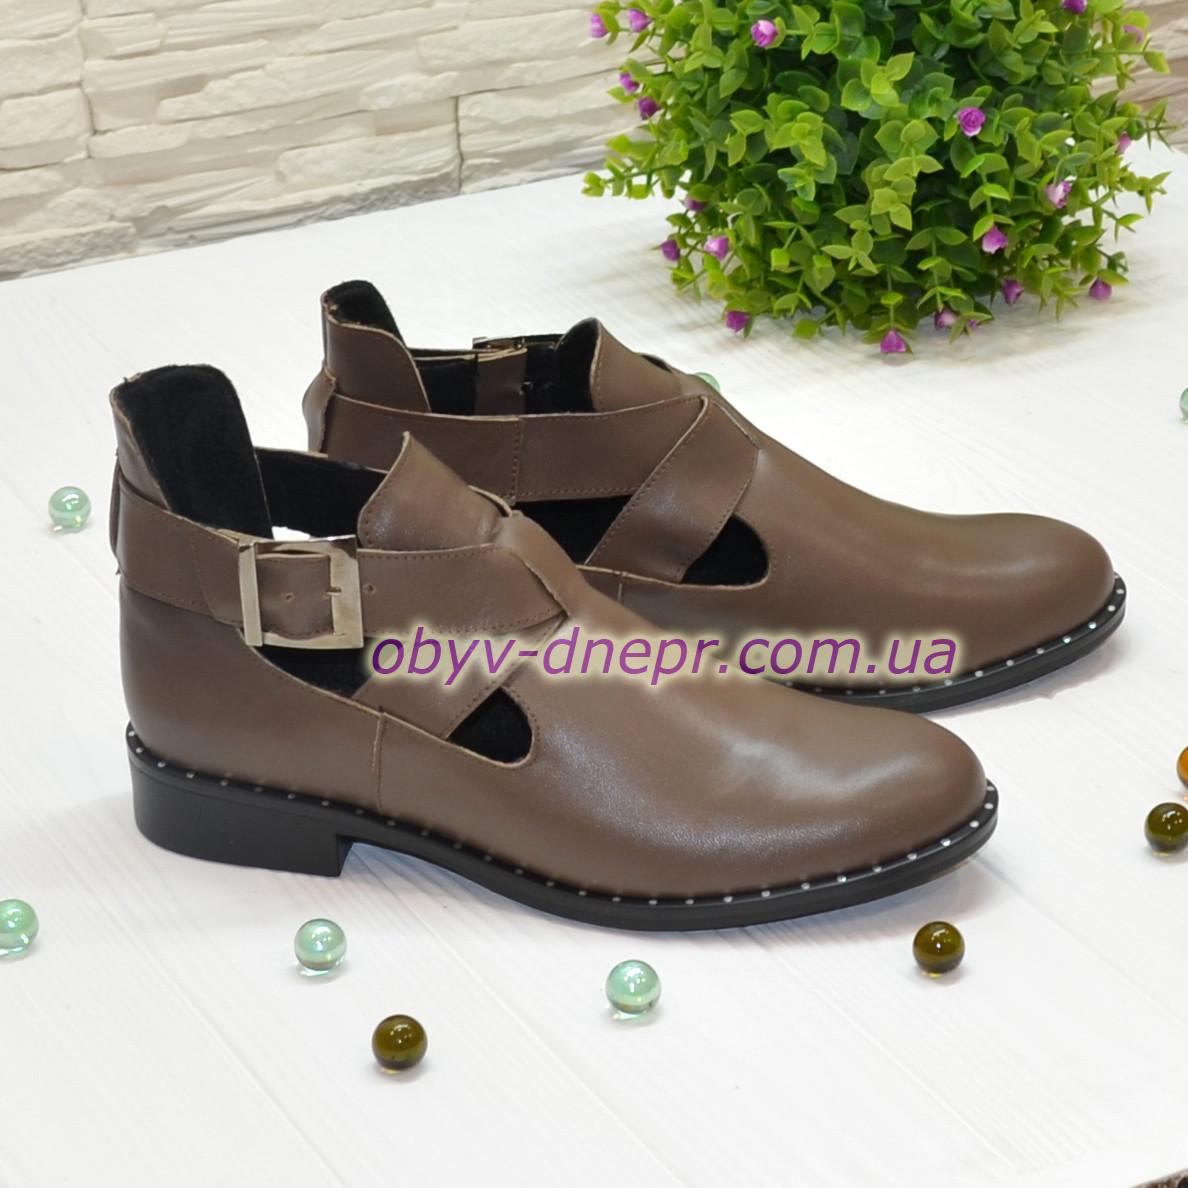 Ботинки кожаные демисезонные на низком ходу, декорированы ремешком. Цвет визон